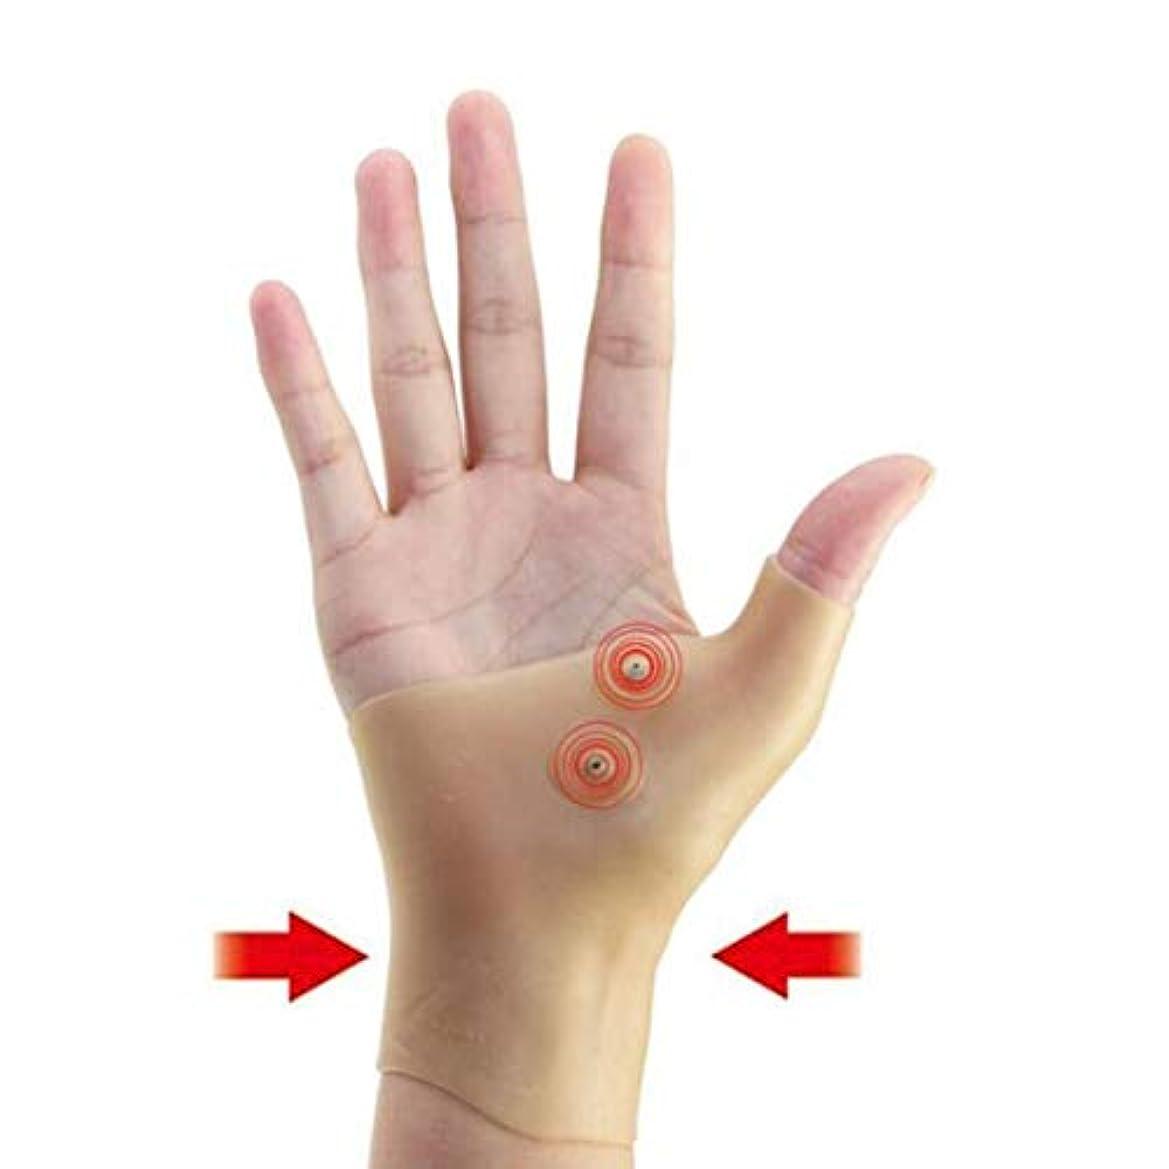 フィットネス食料品店夜間磁気療法手首手親指サポート手袋シリコーンゲル関節炎圧力矯正器マッサージ痛み緩和手袋 - 肌の色